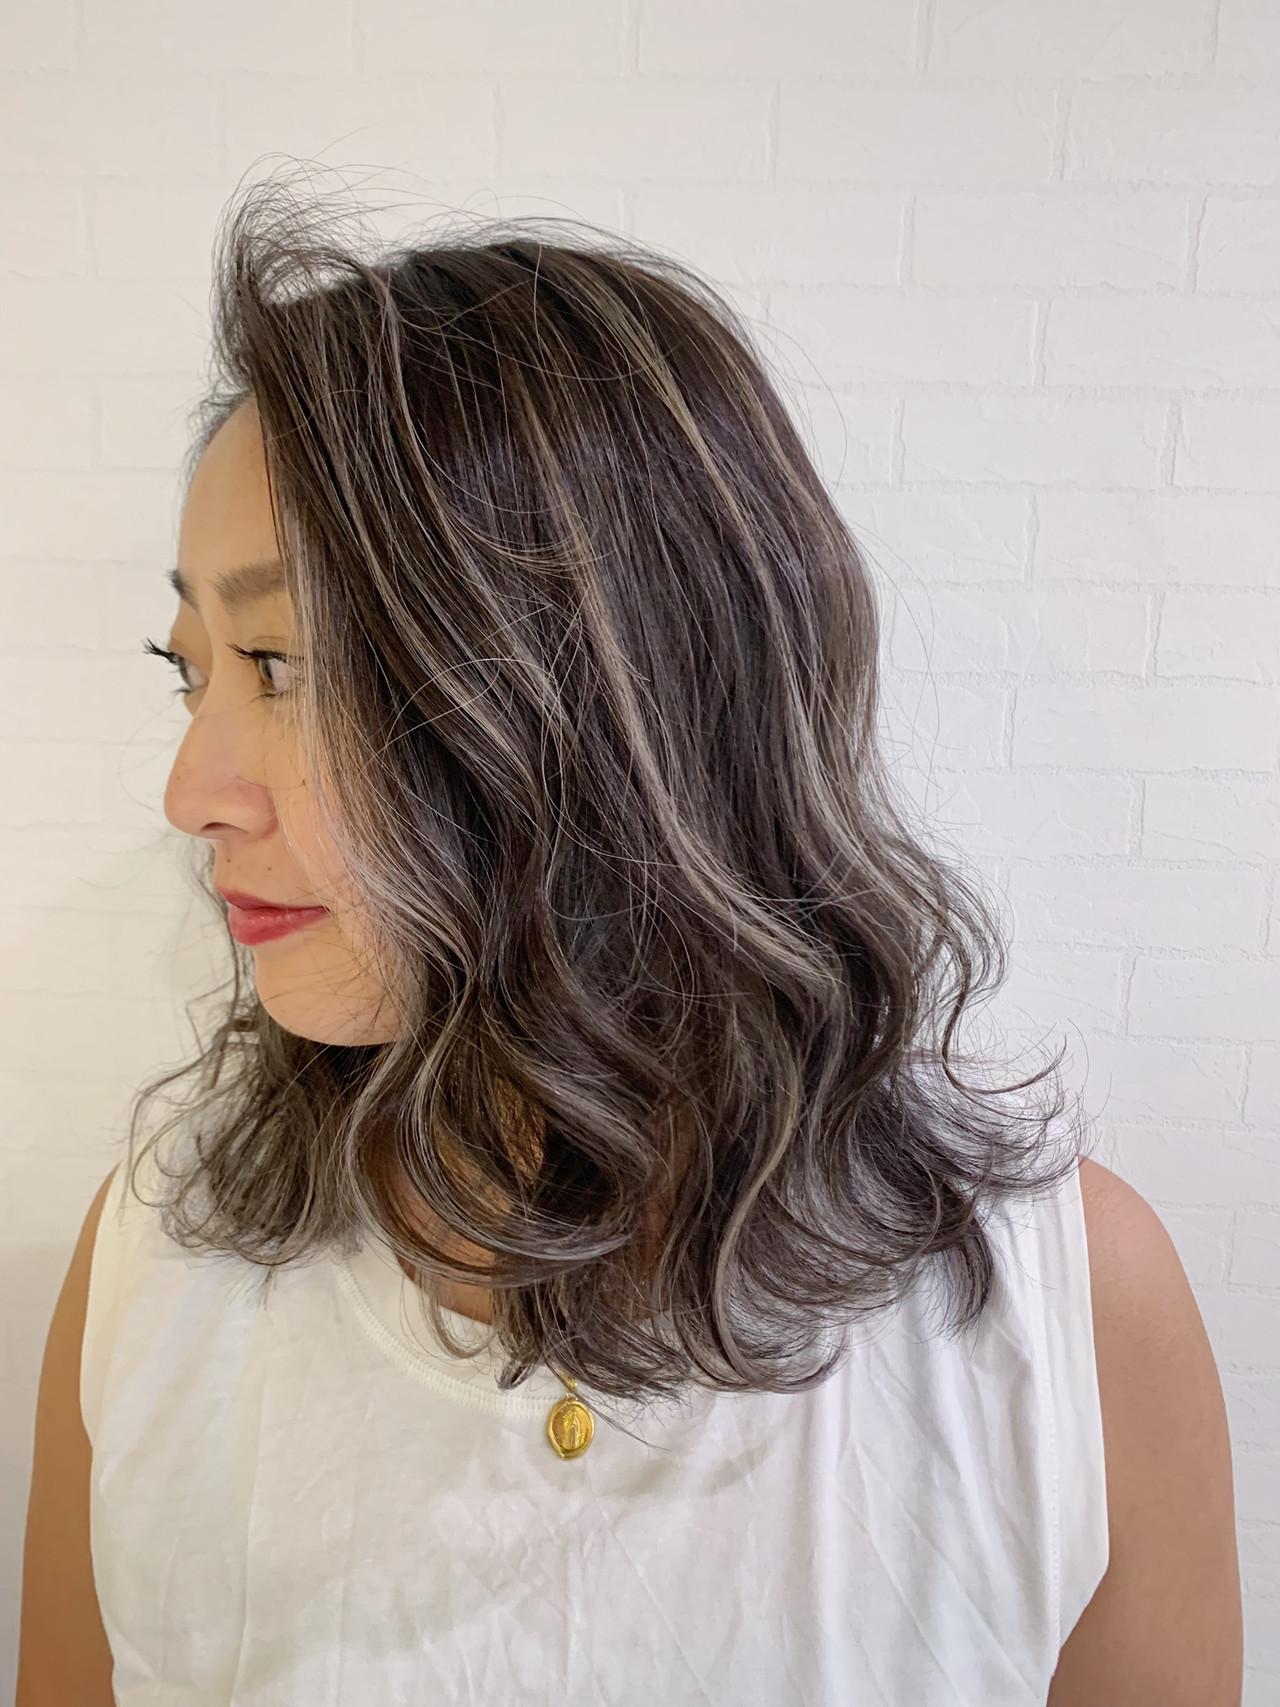 アウトドア オフィス ハイライト ミディアム ヘアスタイルや髪型の写真・画像 | 寺坂 雄飛 / banks hair